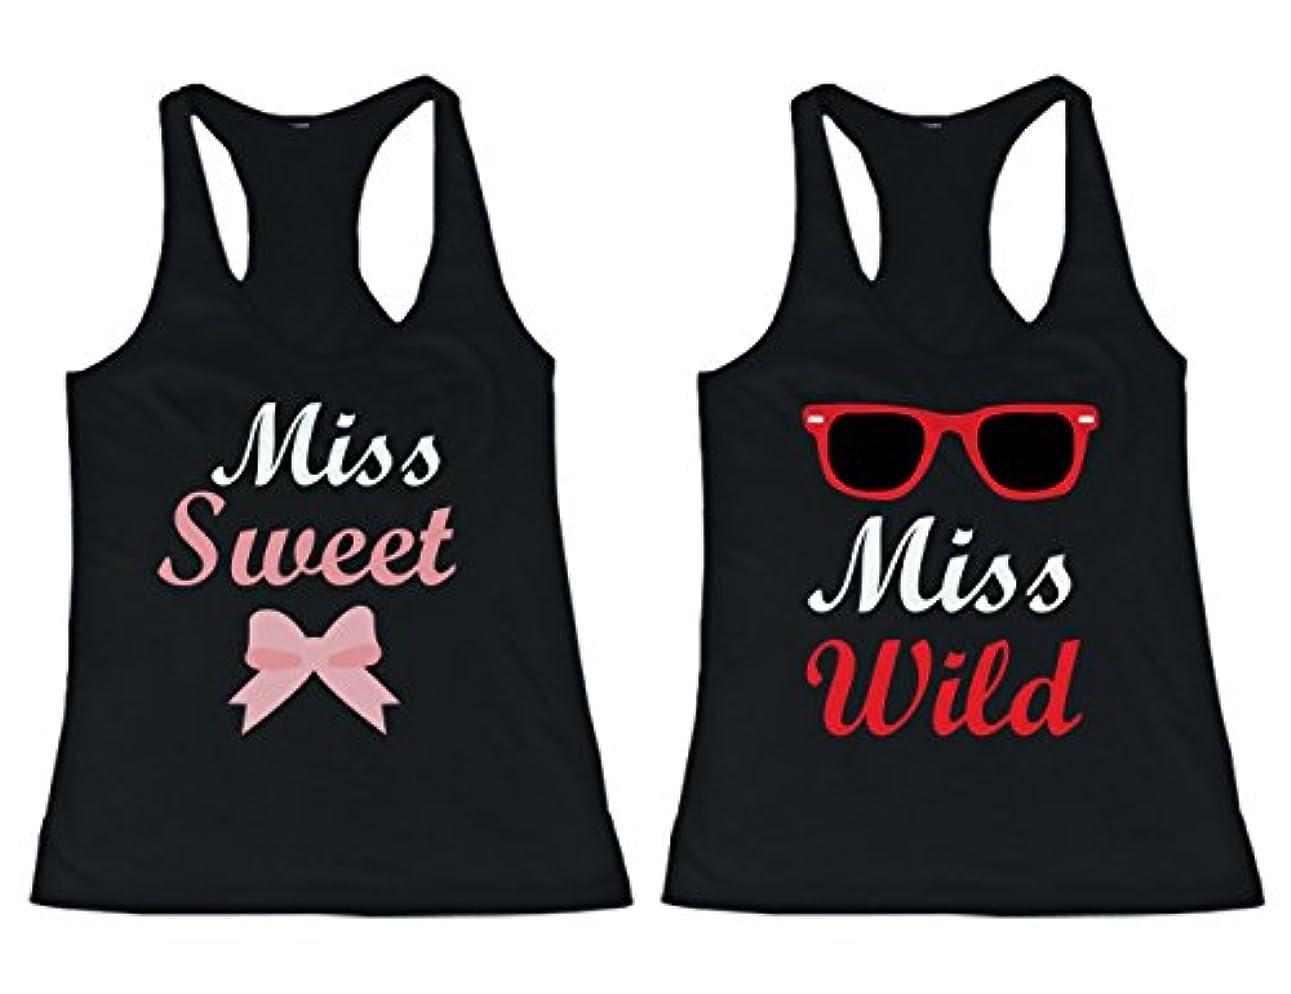 残り物完了レンチ365 Printing BFF Tank Tops Miss Wild and Miss Sweet Matching Shirts for Best Friends